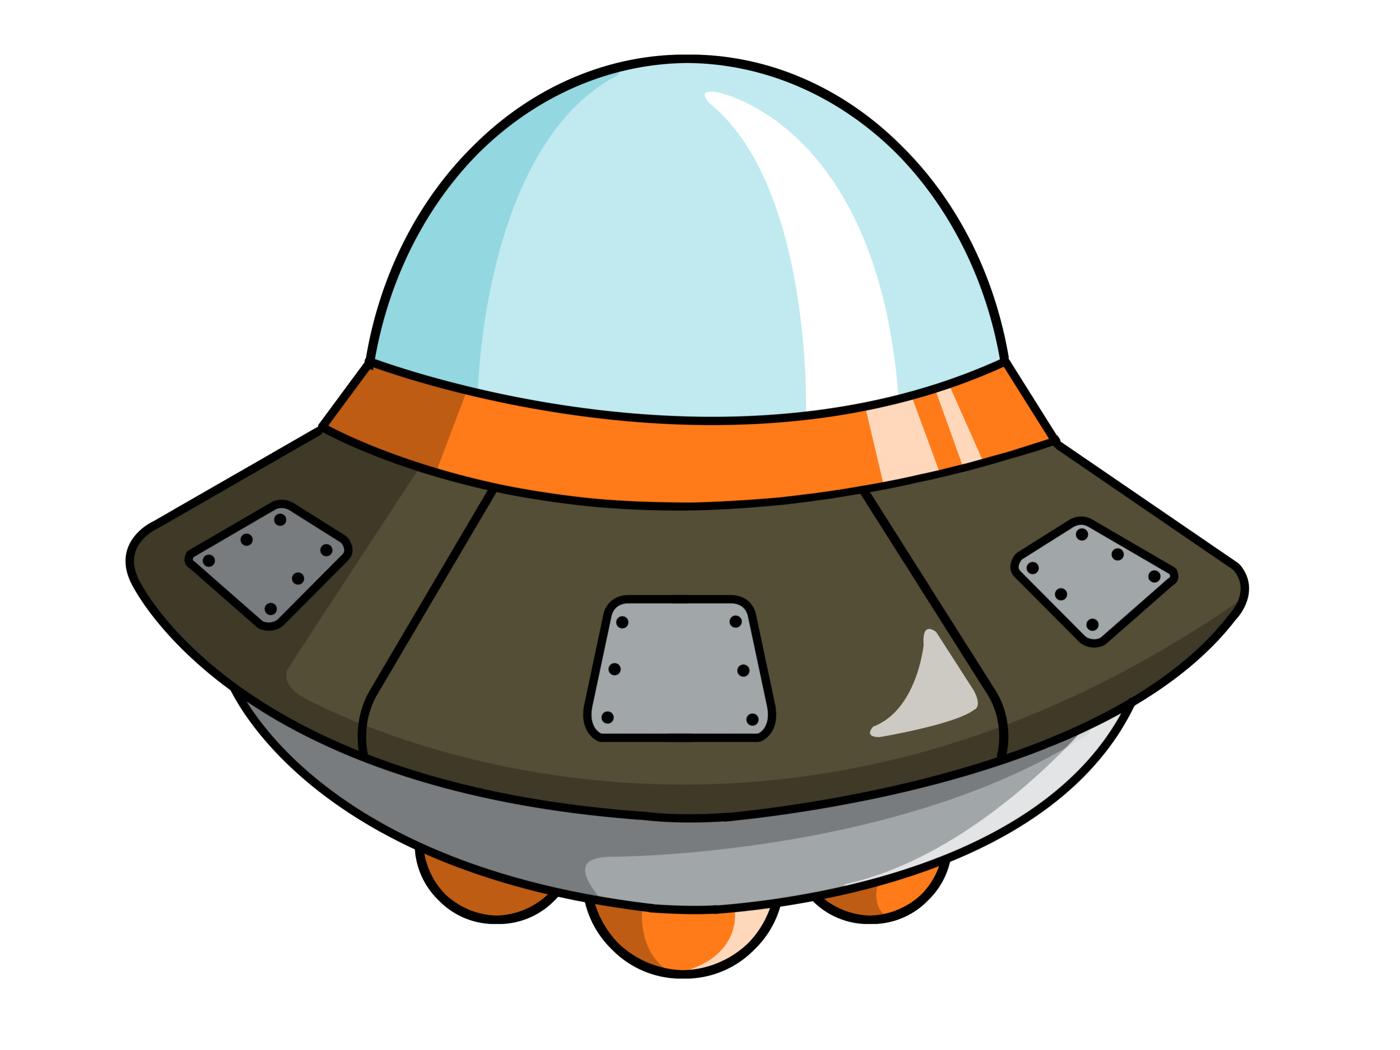 Spaceship clipart pretty. Photo cute alien album